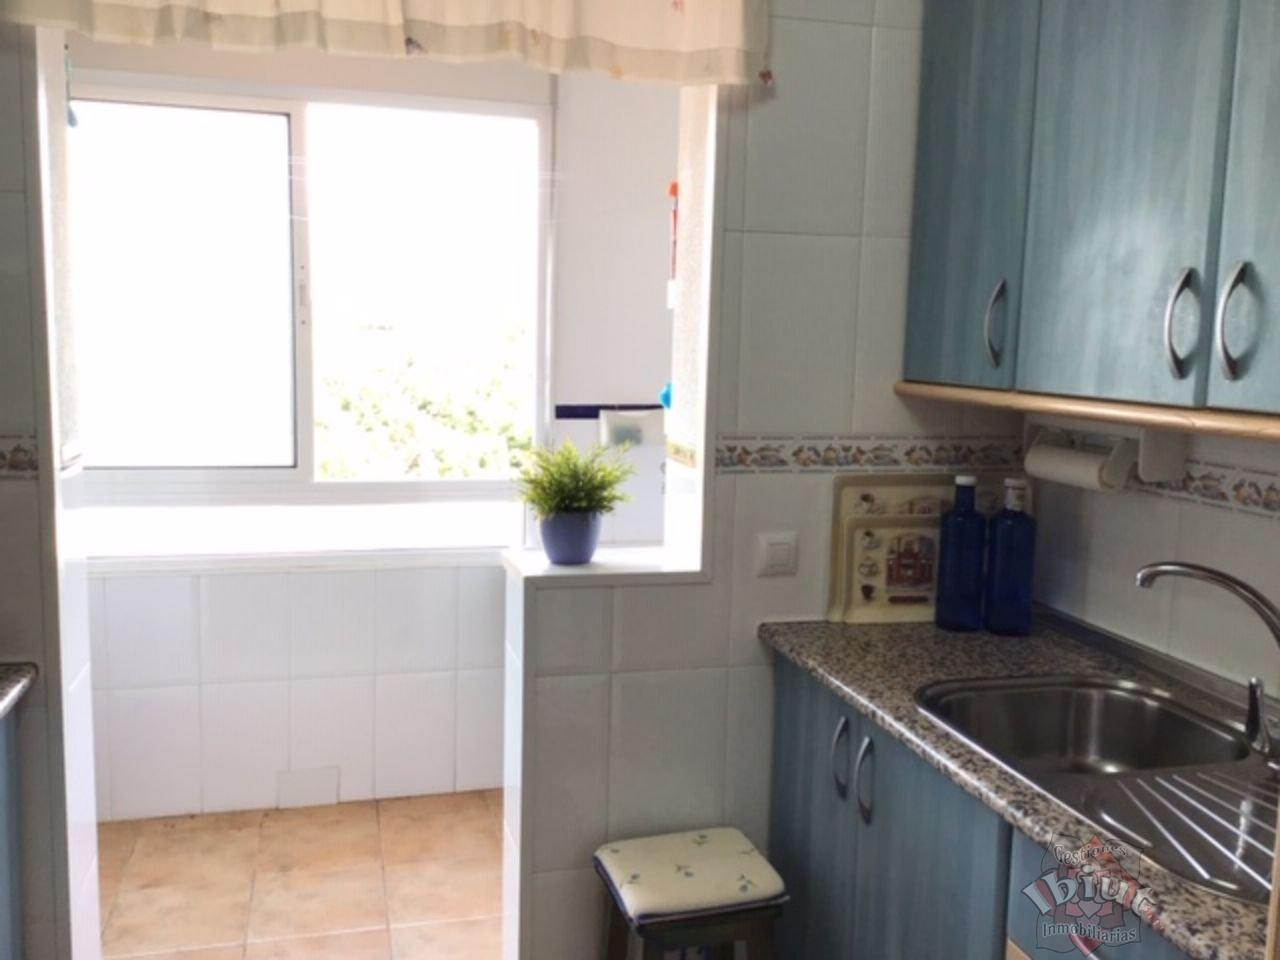 Venta de apartamento en Algarrobo Costa